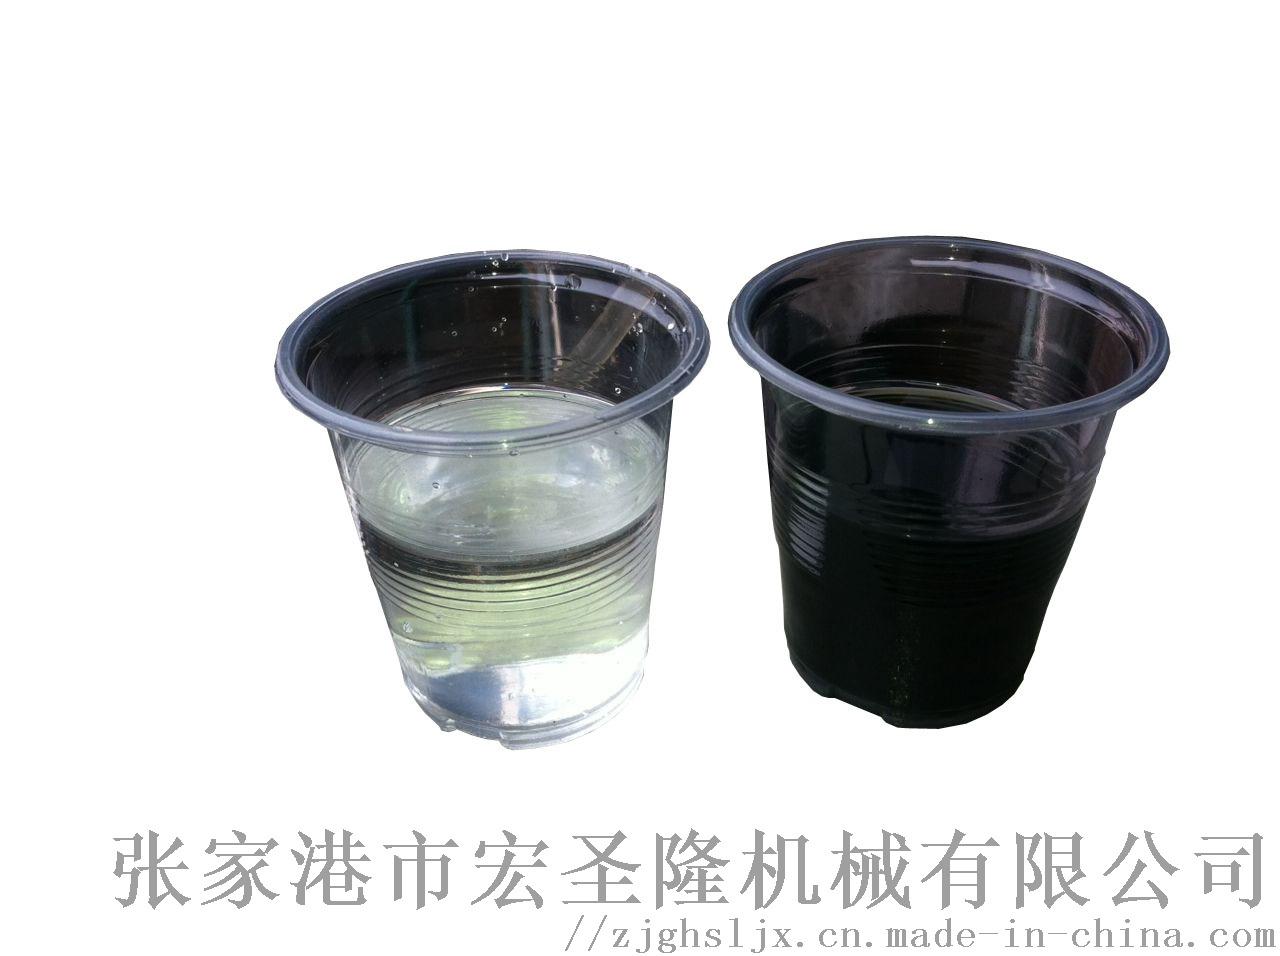 冲洗水5.jpg